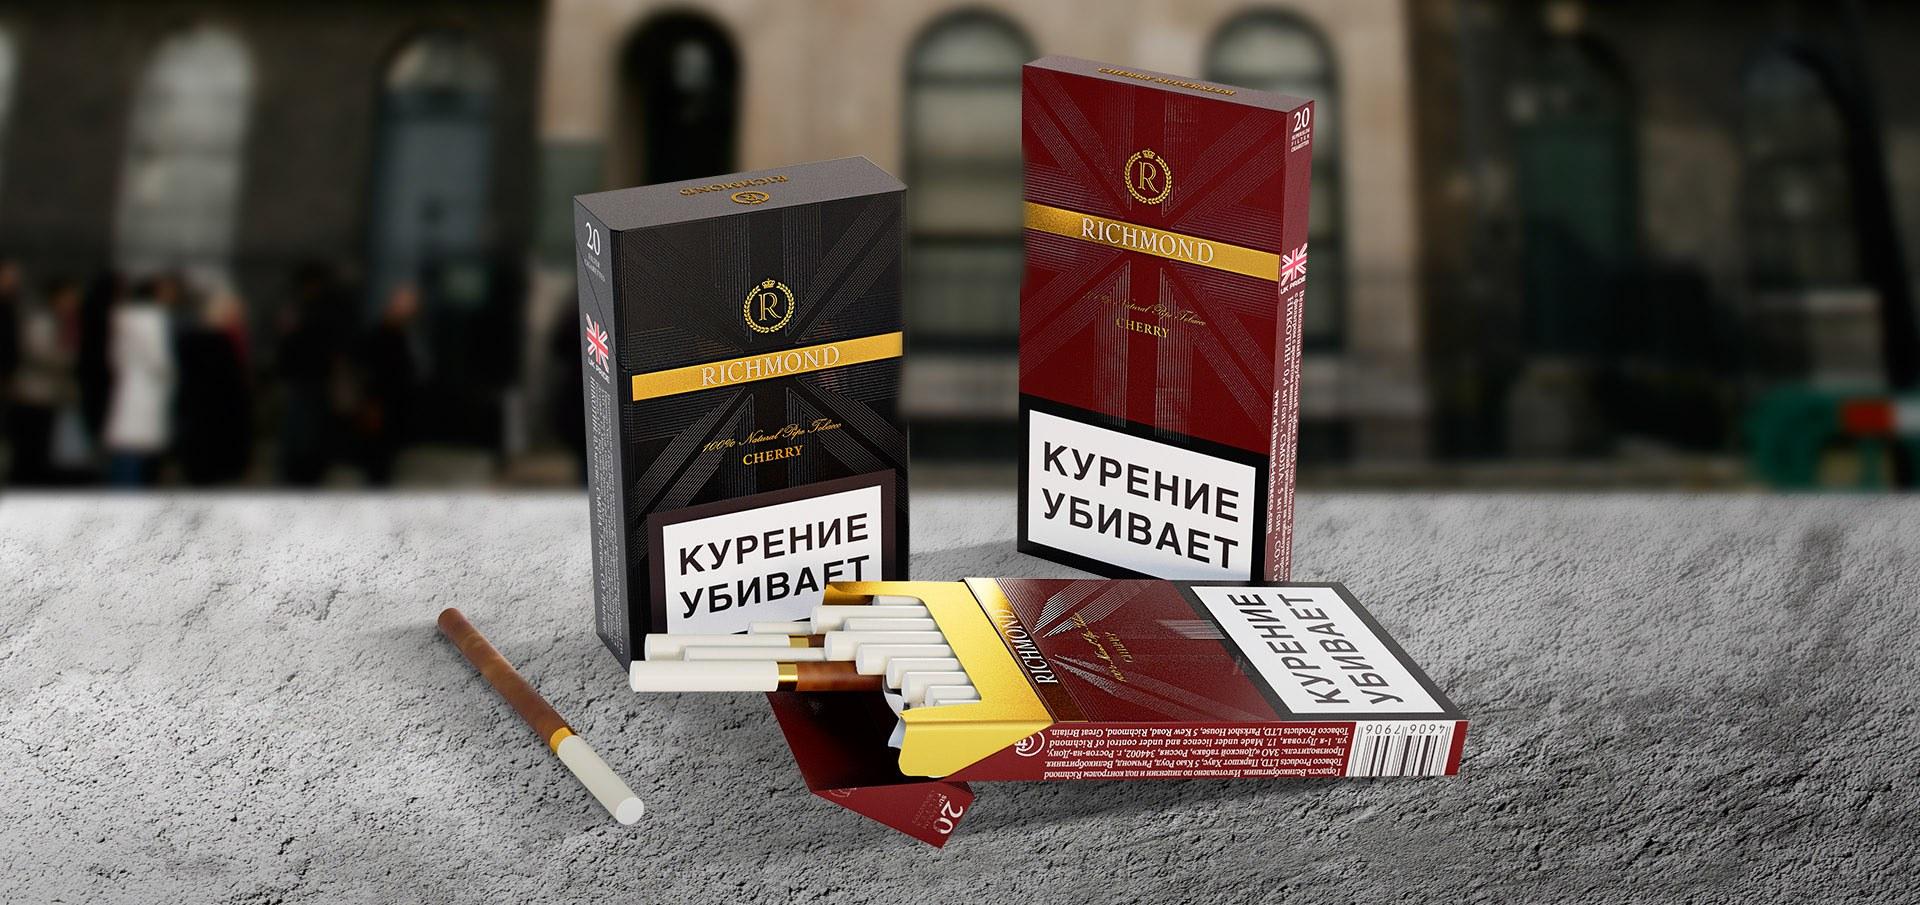 купить сигареты ричмонд в красноярске